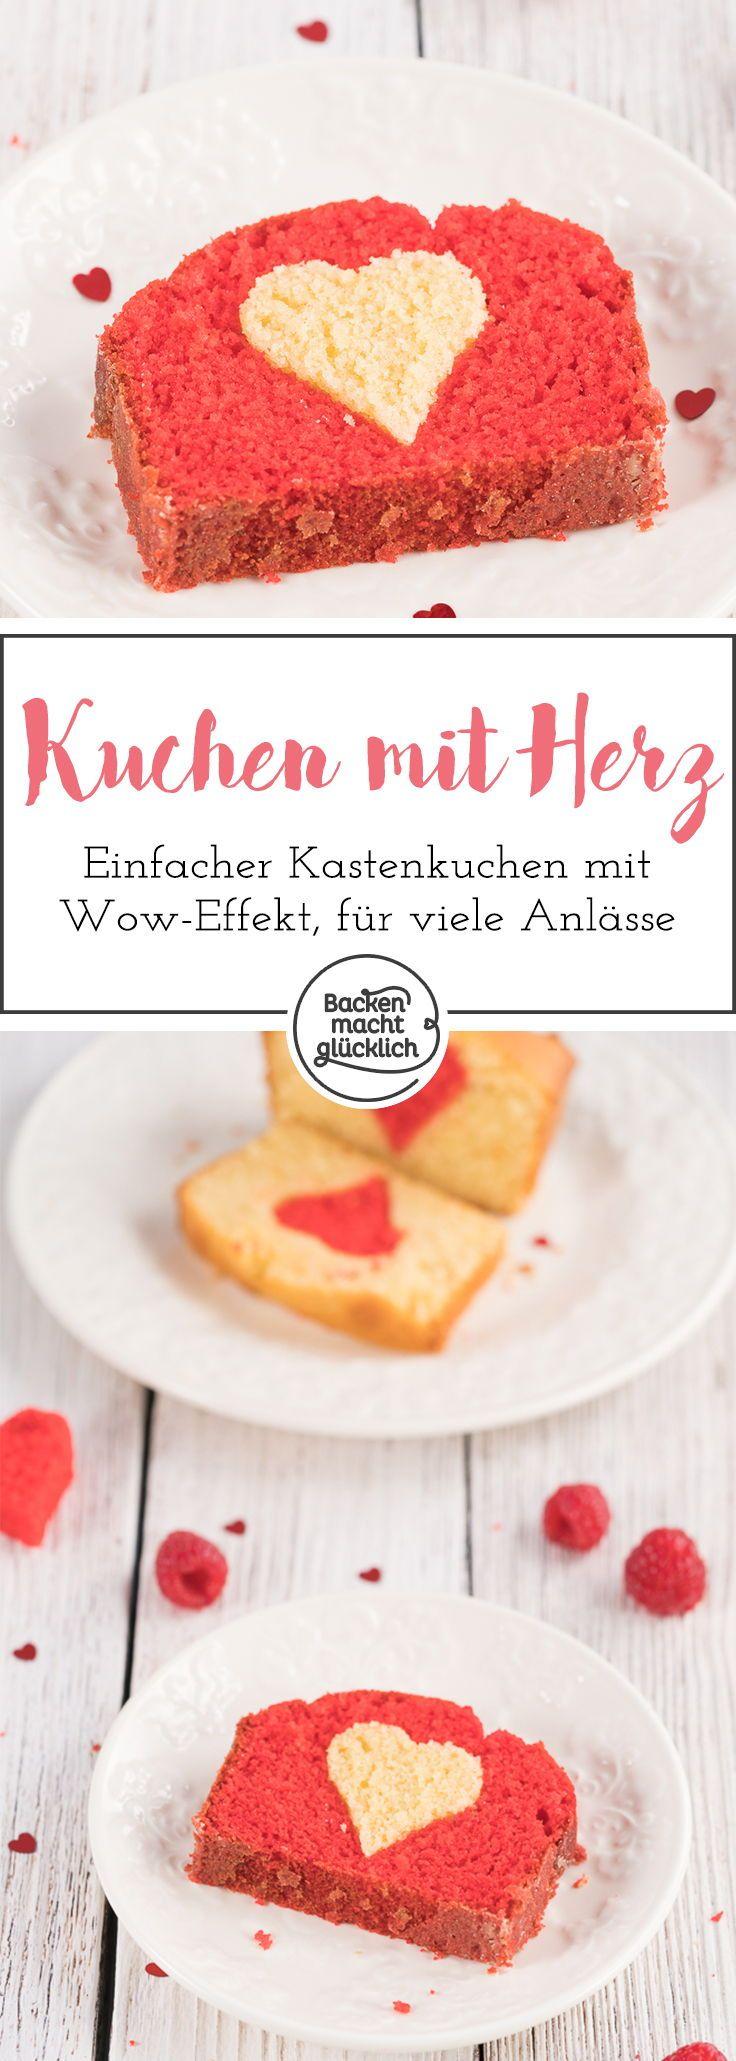 Ruhrkuchen Mit Herz Backen Macht Glucklich Rezept Muttertagskuchen Kuchen Ruhrkuchen